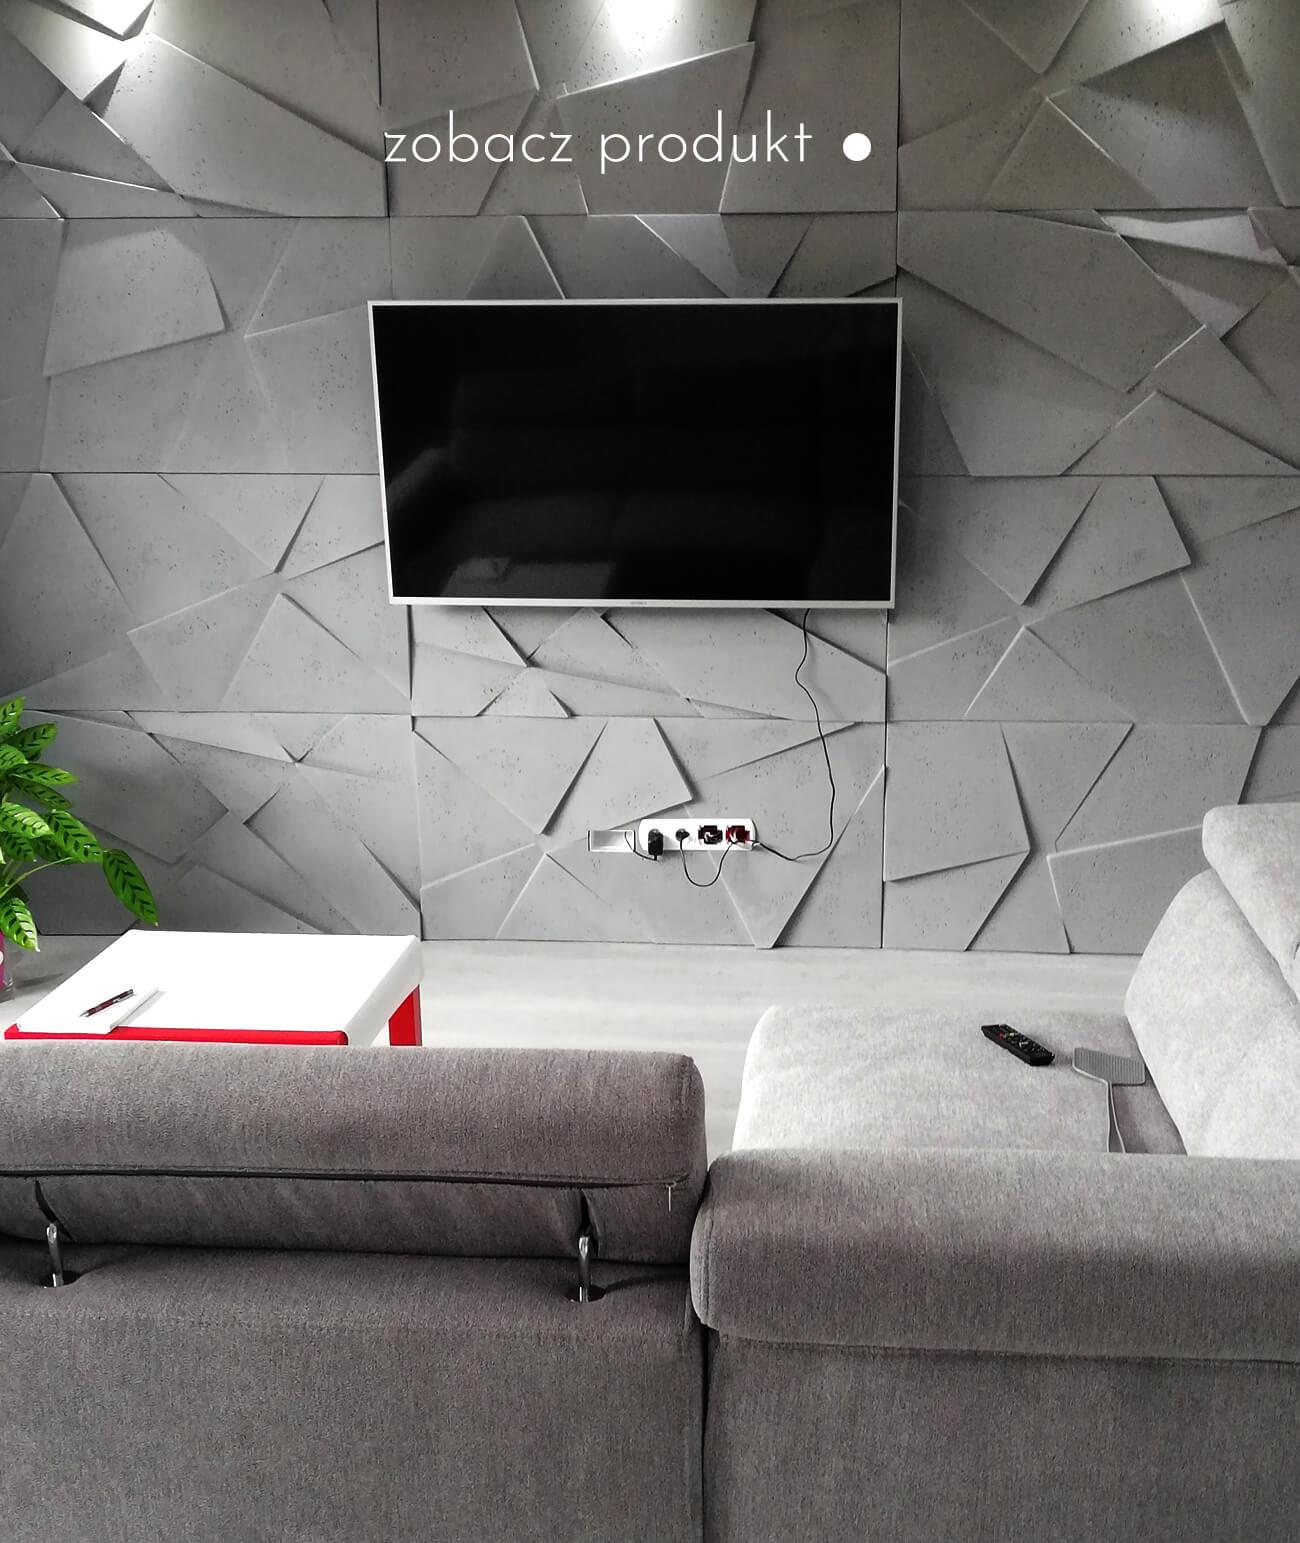 panele-betonowe-3d-scienne-i-elewacyjne-beton-architektoniczny_324-1720-pb05-s51-ciemny-szary-mysi-krysztal---panel-dekor-3d-beton-architektoniczny-panel-scienny